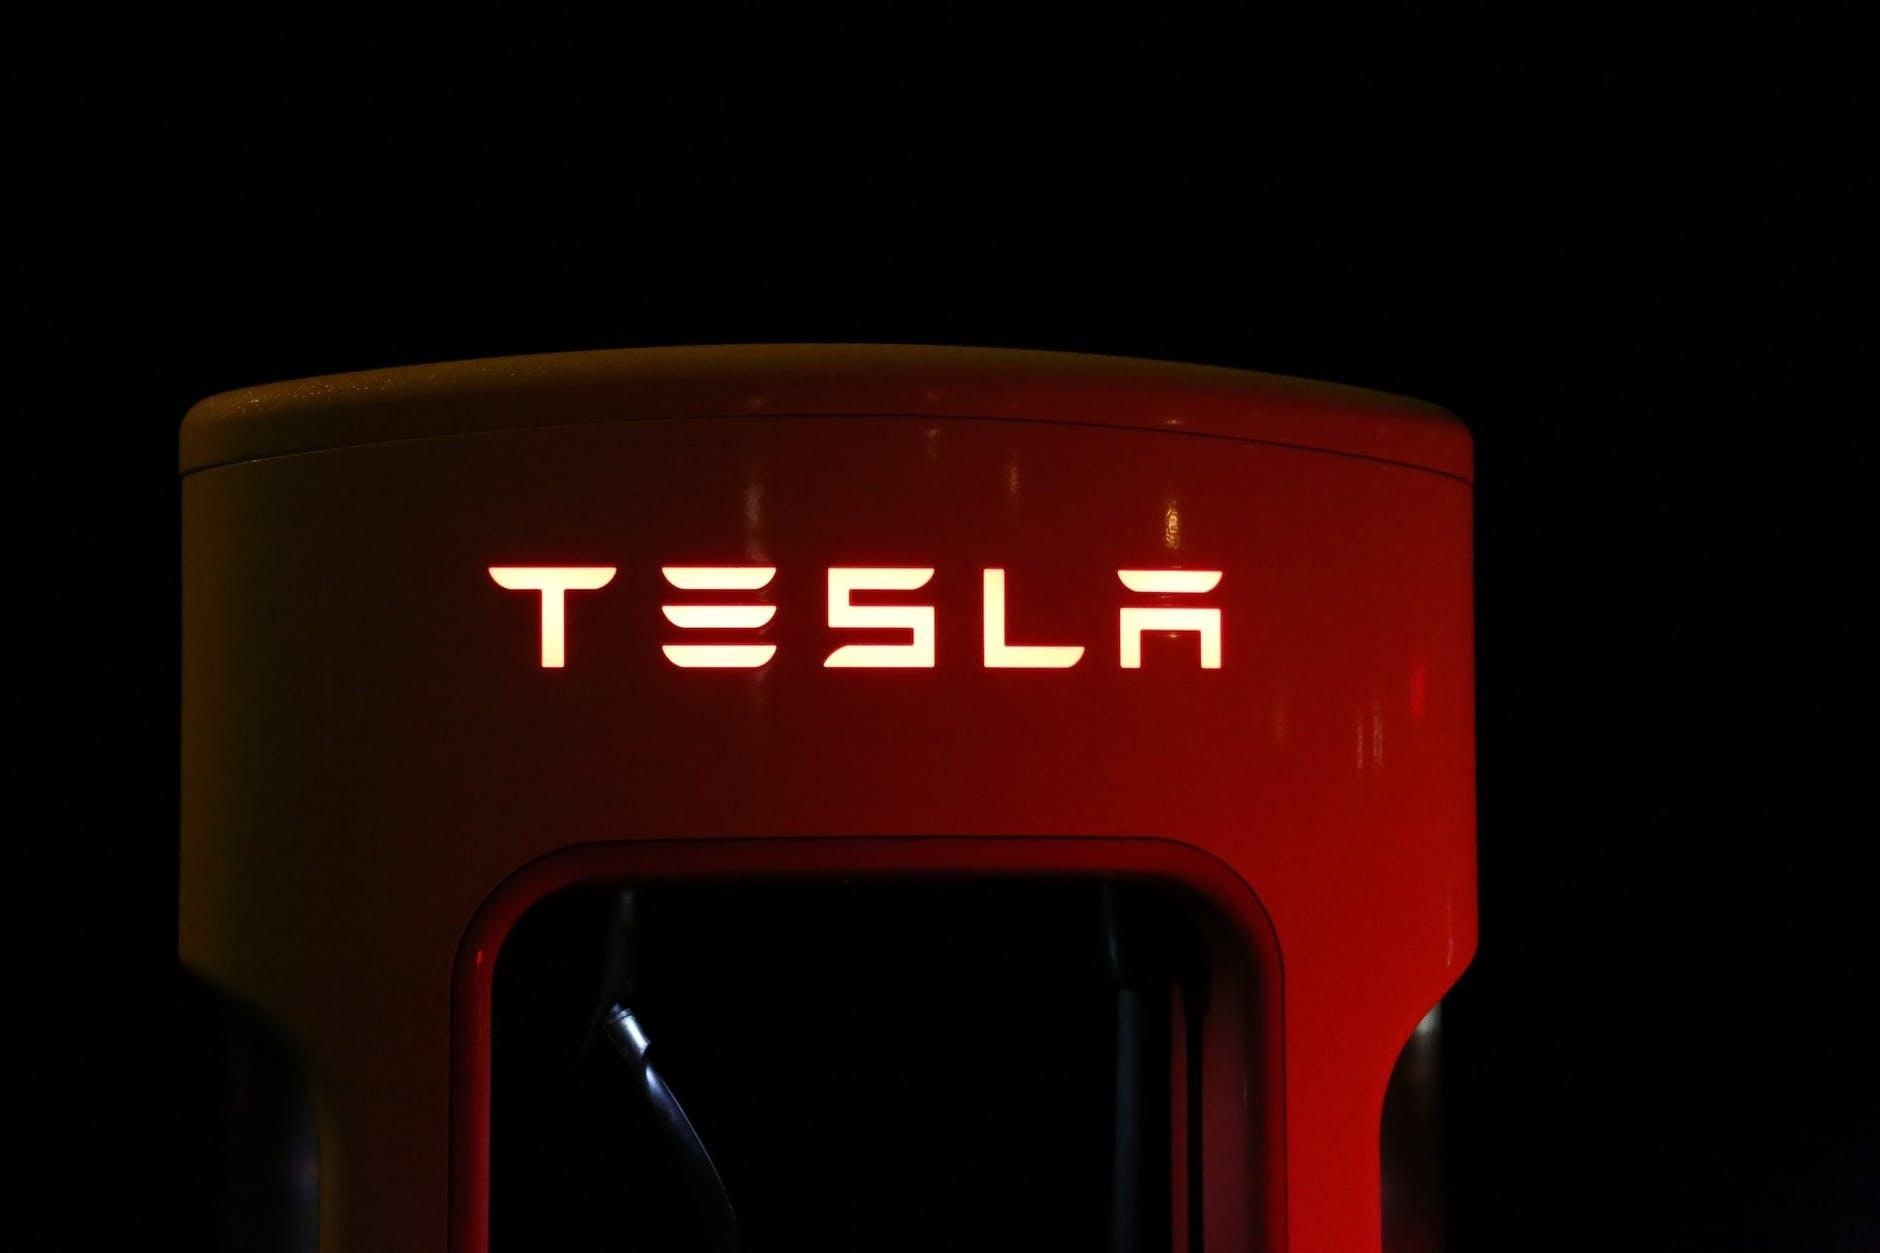 【美股個股推薦EP2】電動車概念股該不該投資?7檔汽車類股讓你一次搞懂!